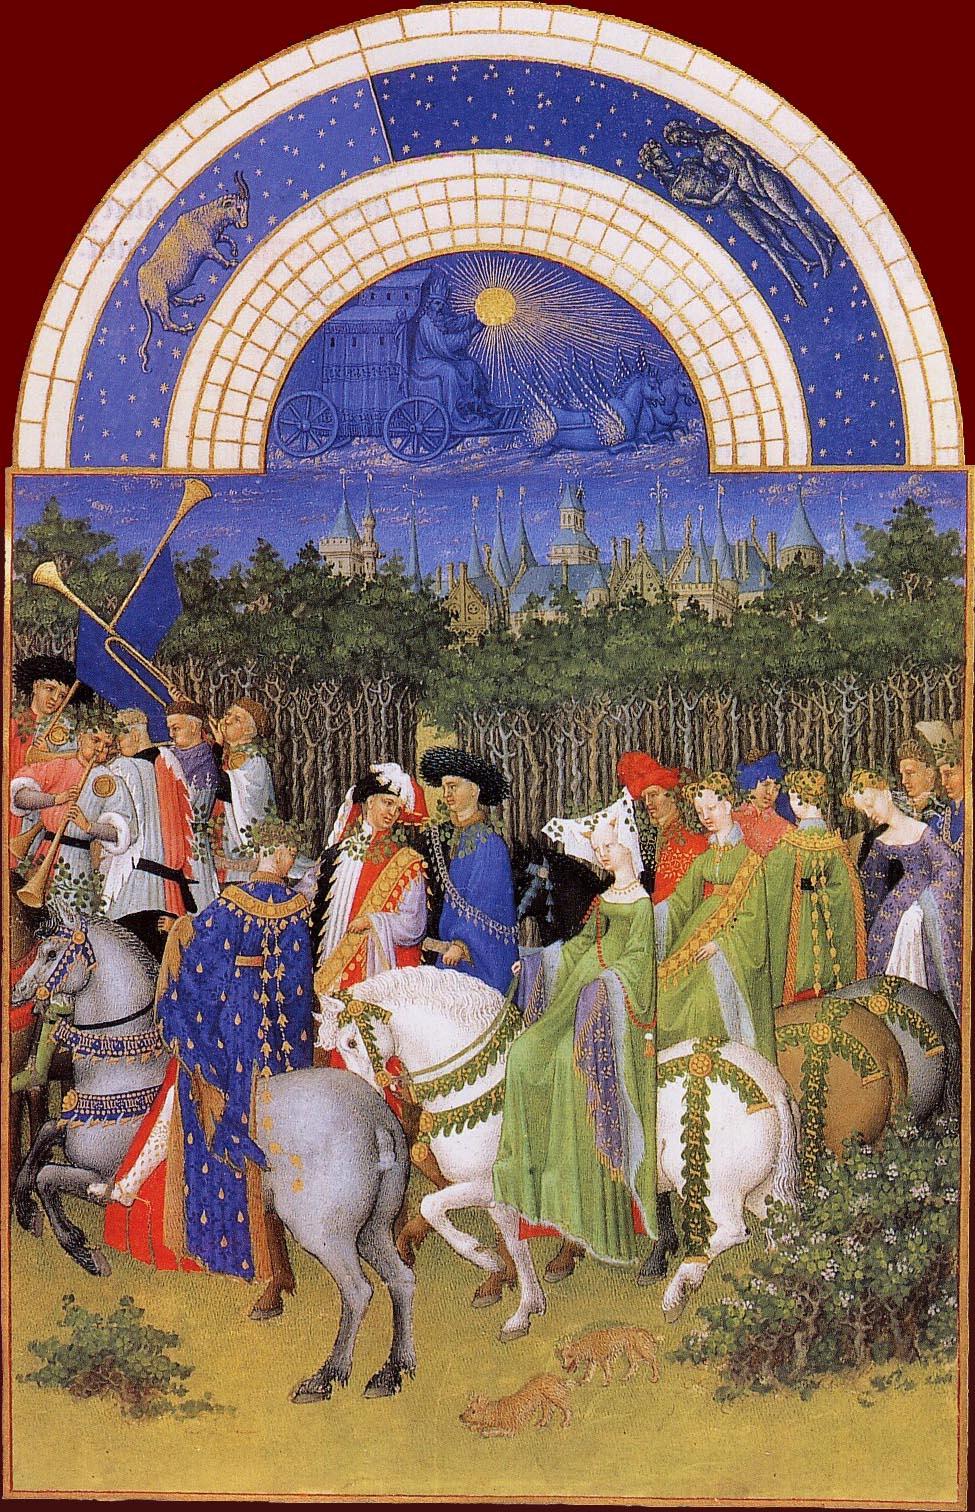 Les Très Riches Heures du duc de Berry, le mois de mai (enluminure des frères de Limbourg, XVe siècle, musée Condé, Chantilly)